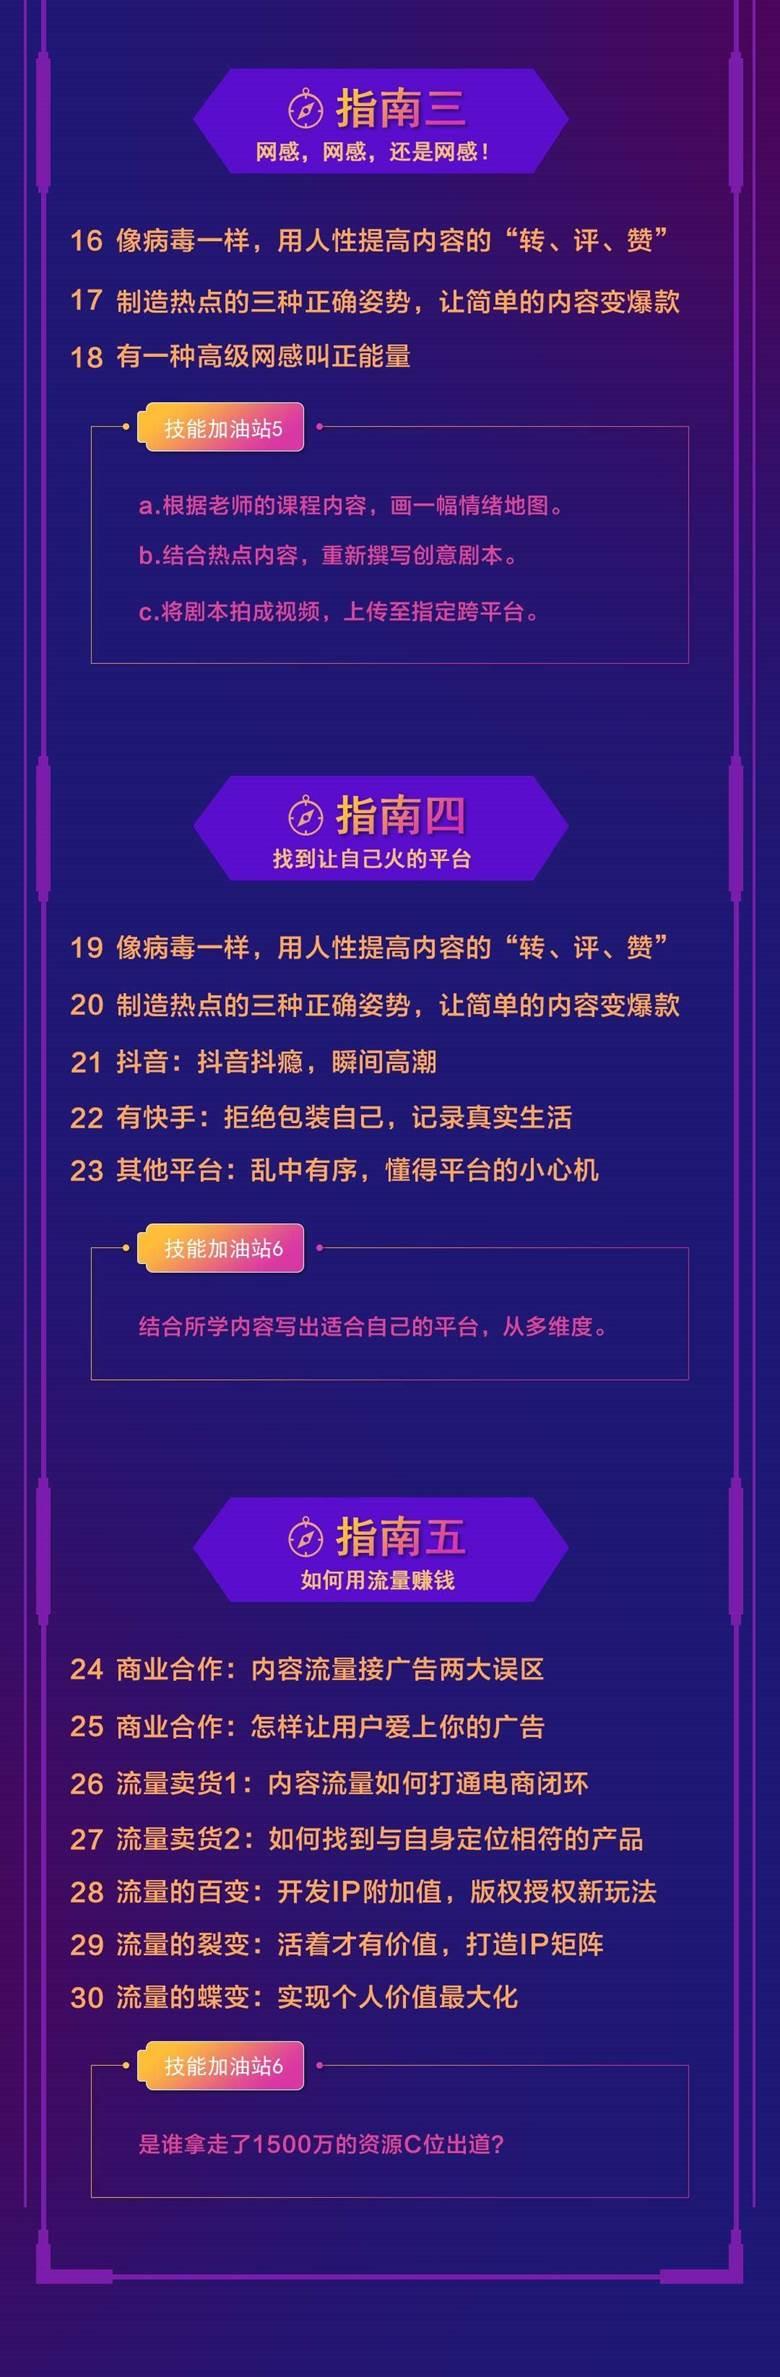 1-19-活动行-杭州-专题页(改版)-1_05.jpg